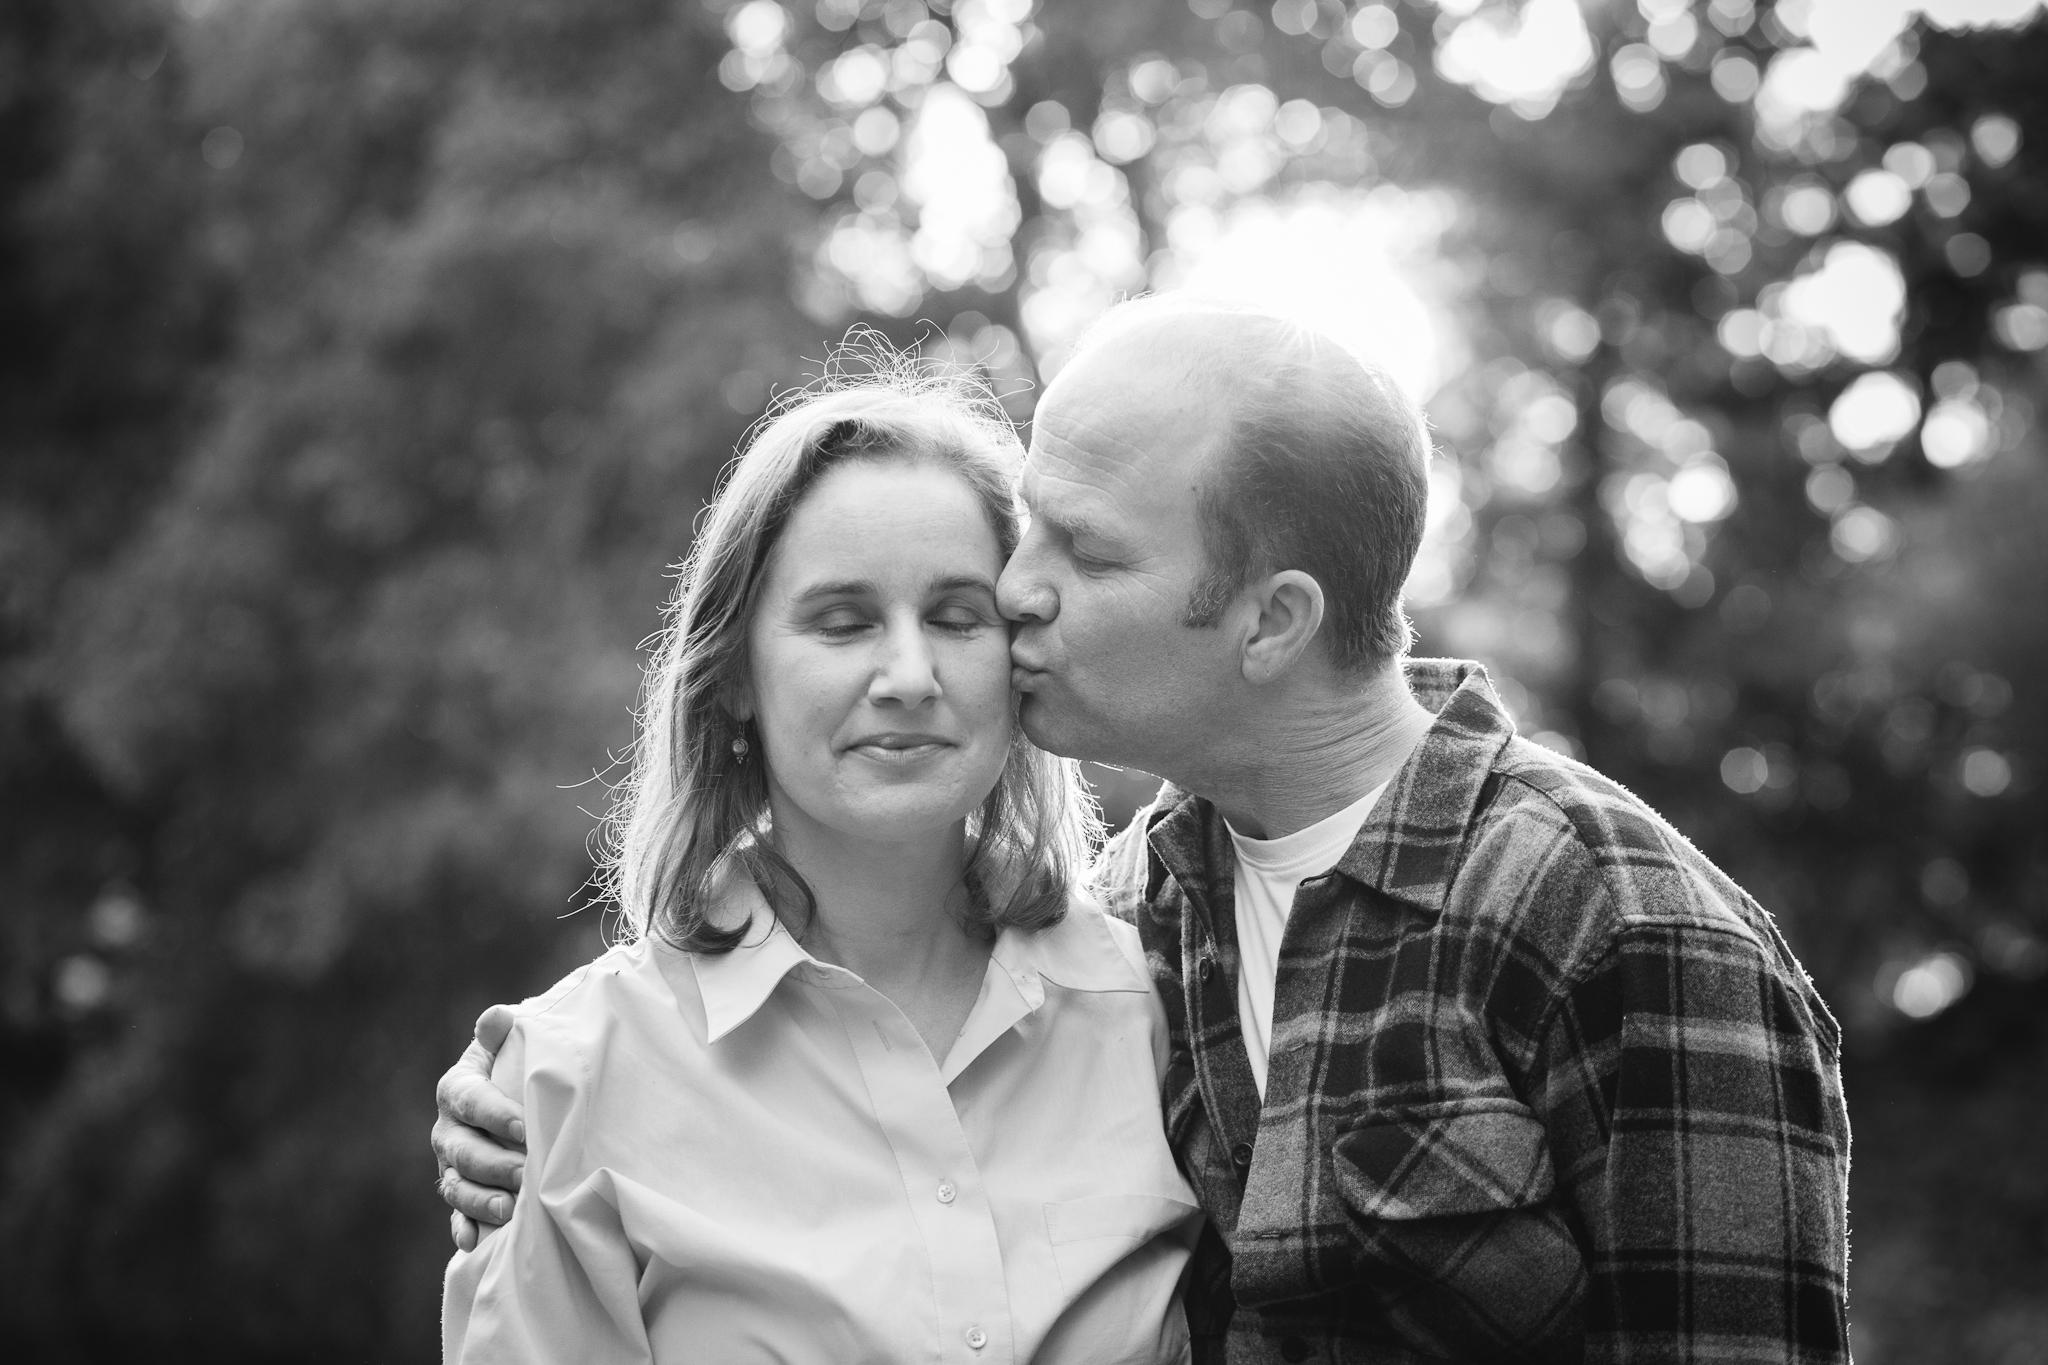 Jenny&DavidFamilyPortraits_Nov2014_jenniferleahy (367 of 502).jpg